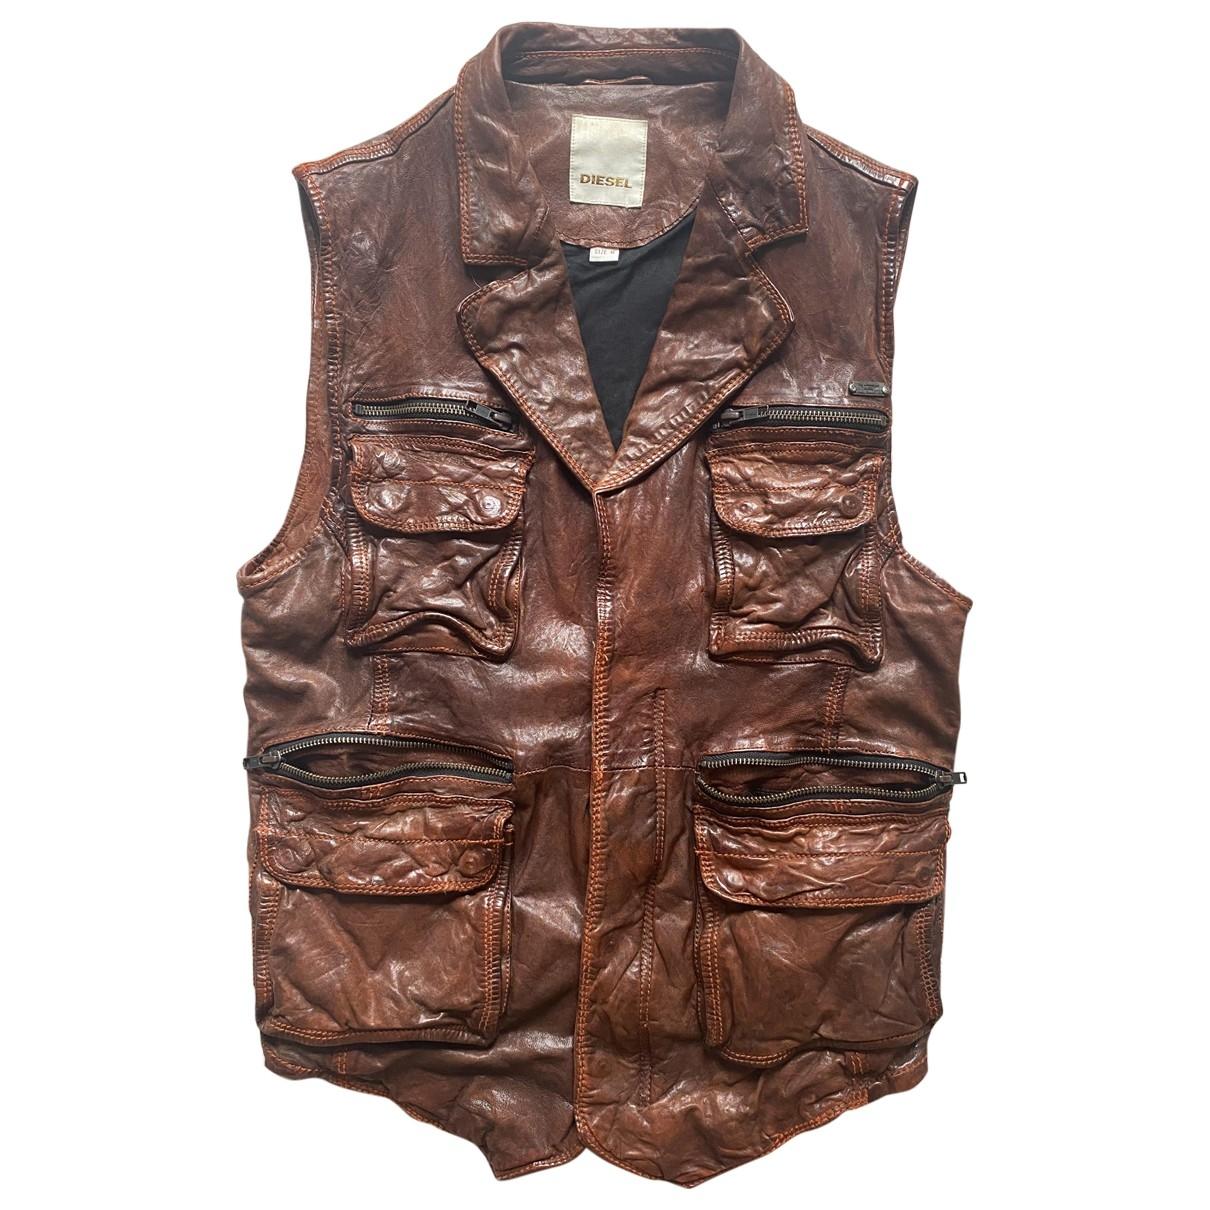 Diesel - Vestes.Blousons   pour homme en cuir - marron